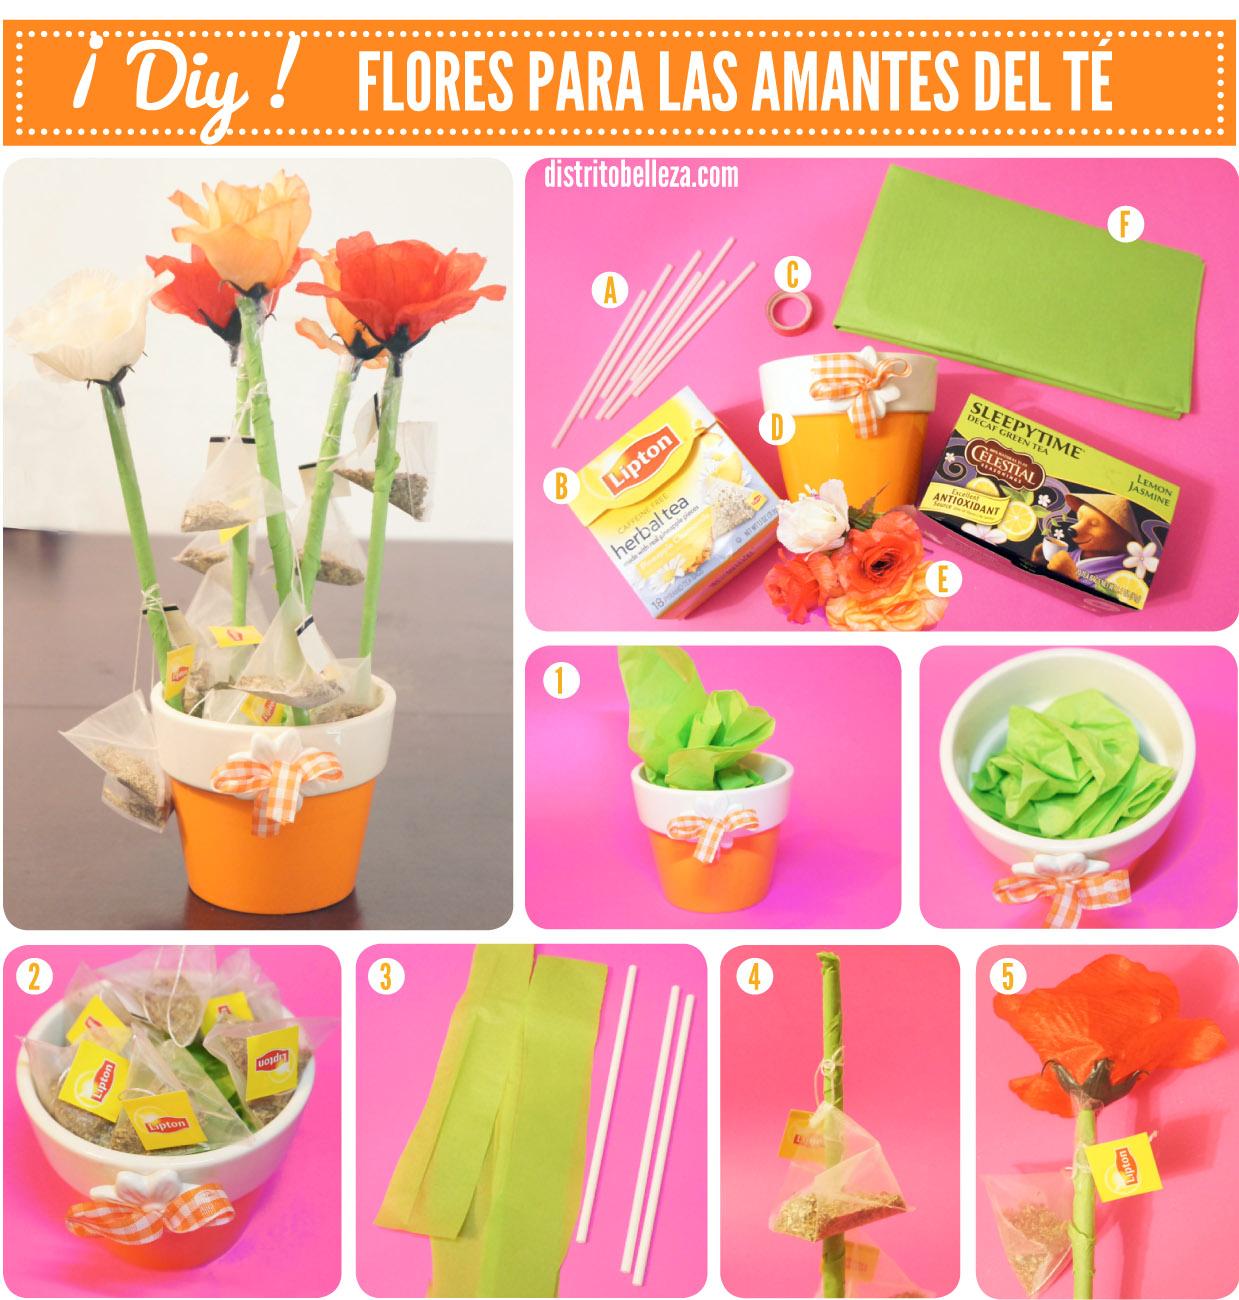 DIY Rregalo para 10 de mayo tutorial Distrito Belleza